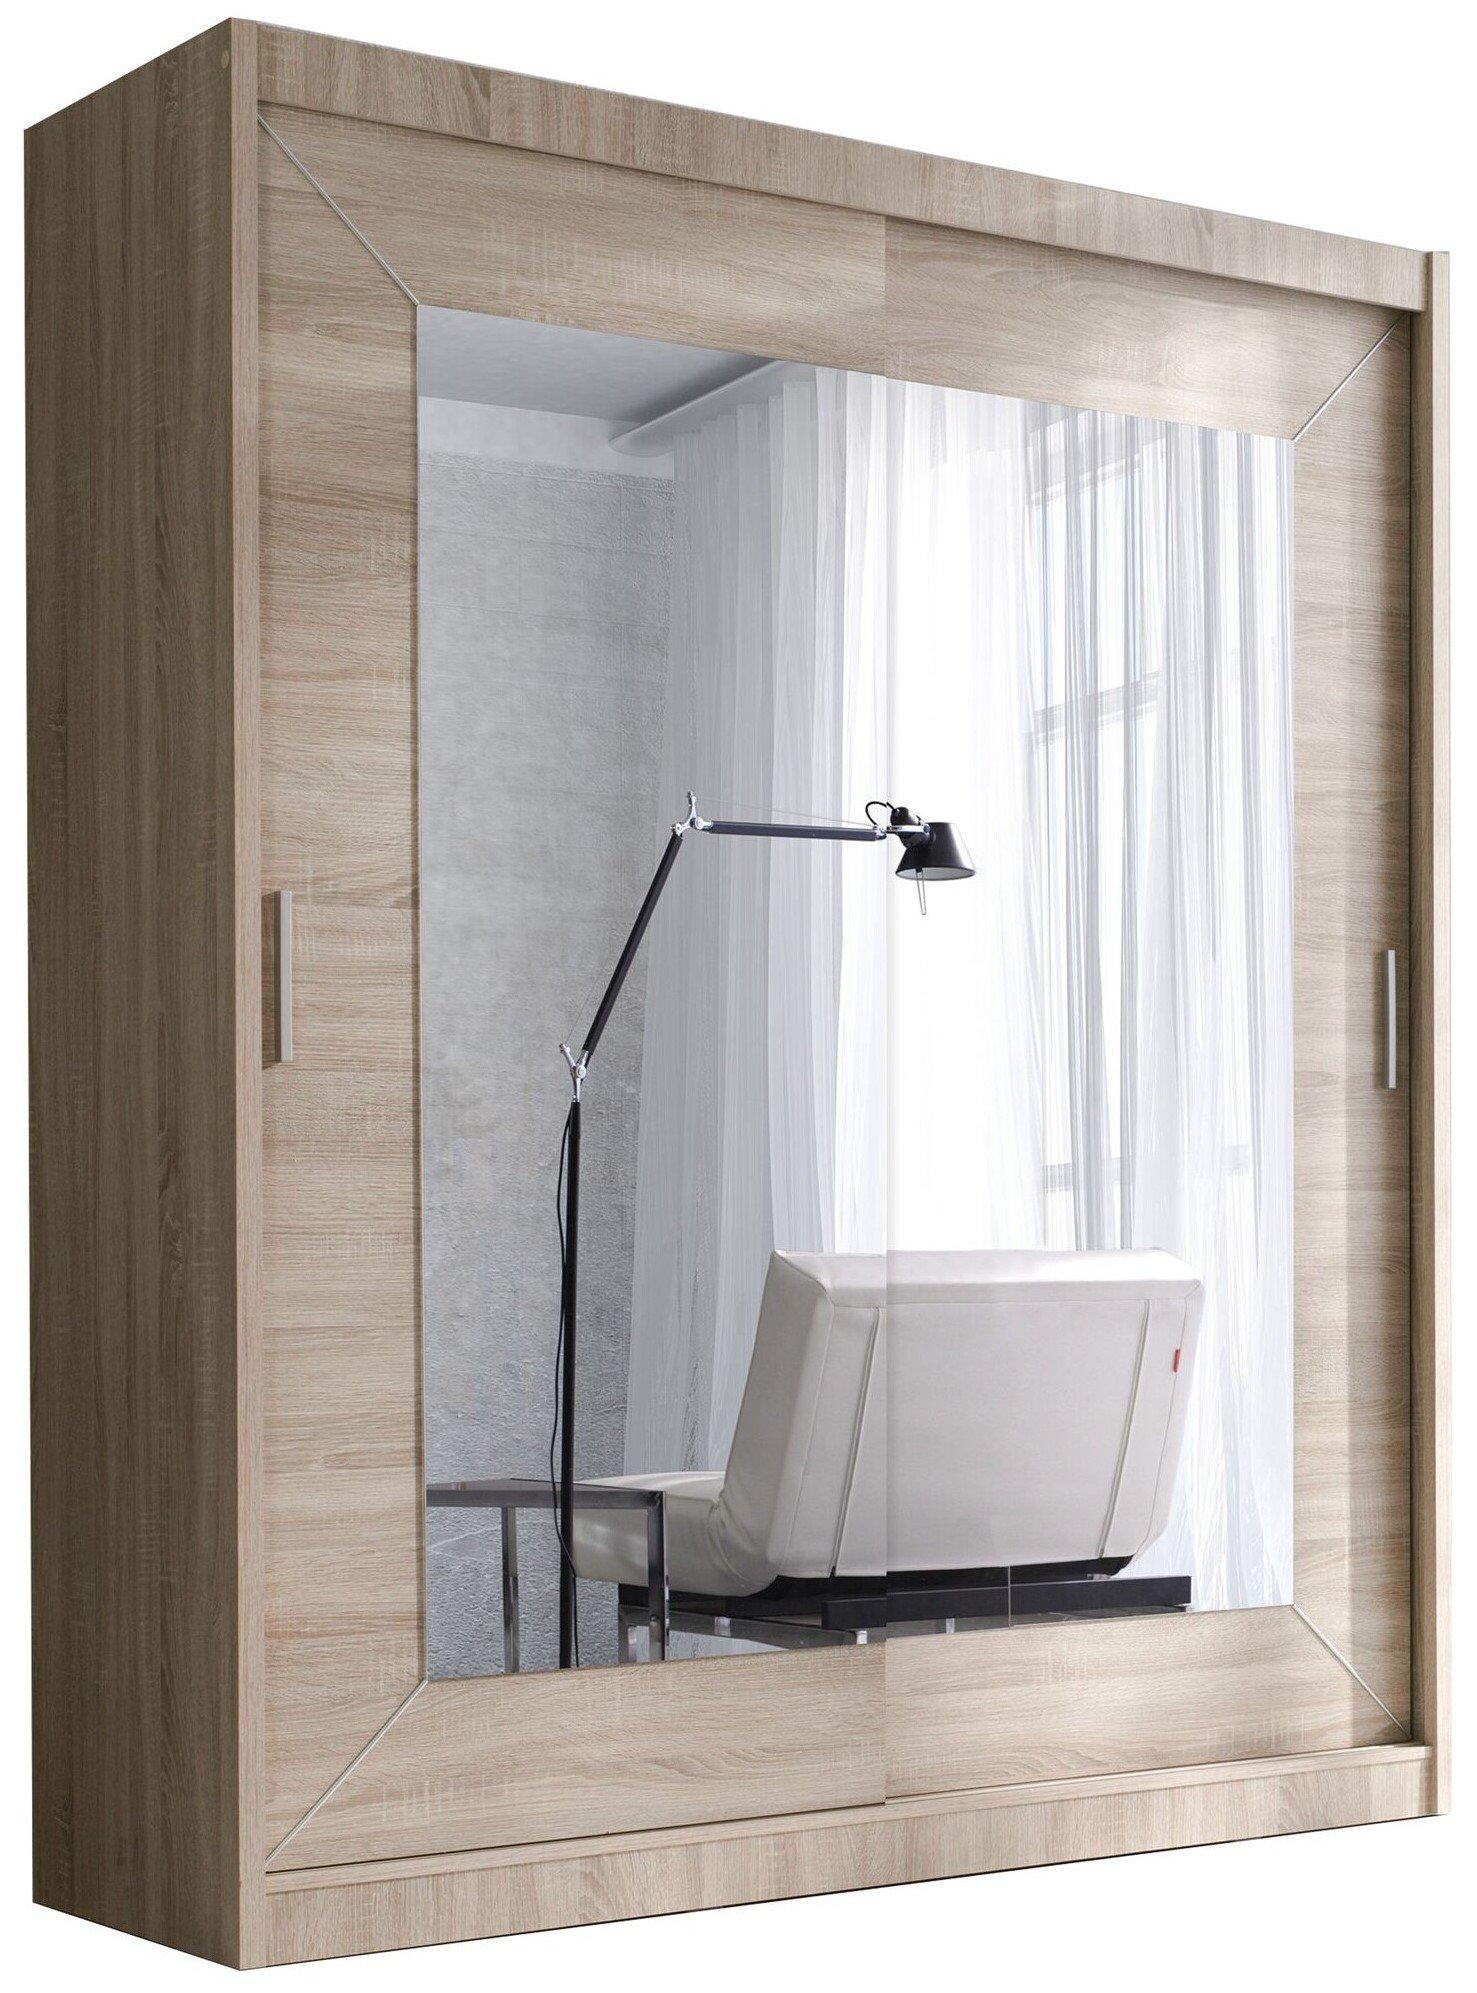 Ντουλάπα συρόμενη Vita Mini με καθρέπτη